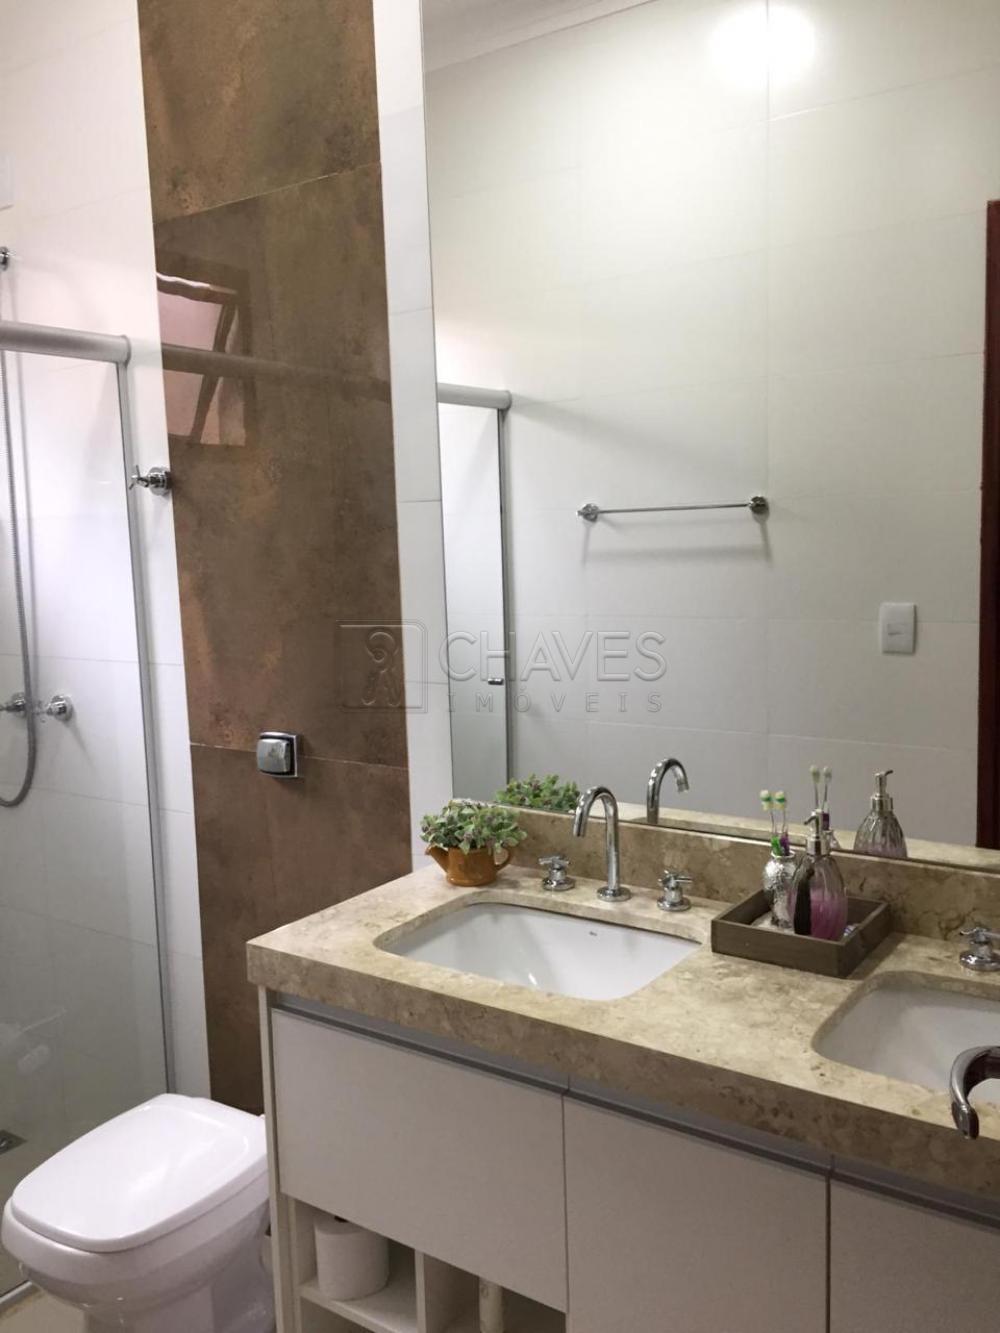 Comprar Casa / Condomínio em Bonfim Paulista apenas R$ 900.000,00 - Foto 9